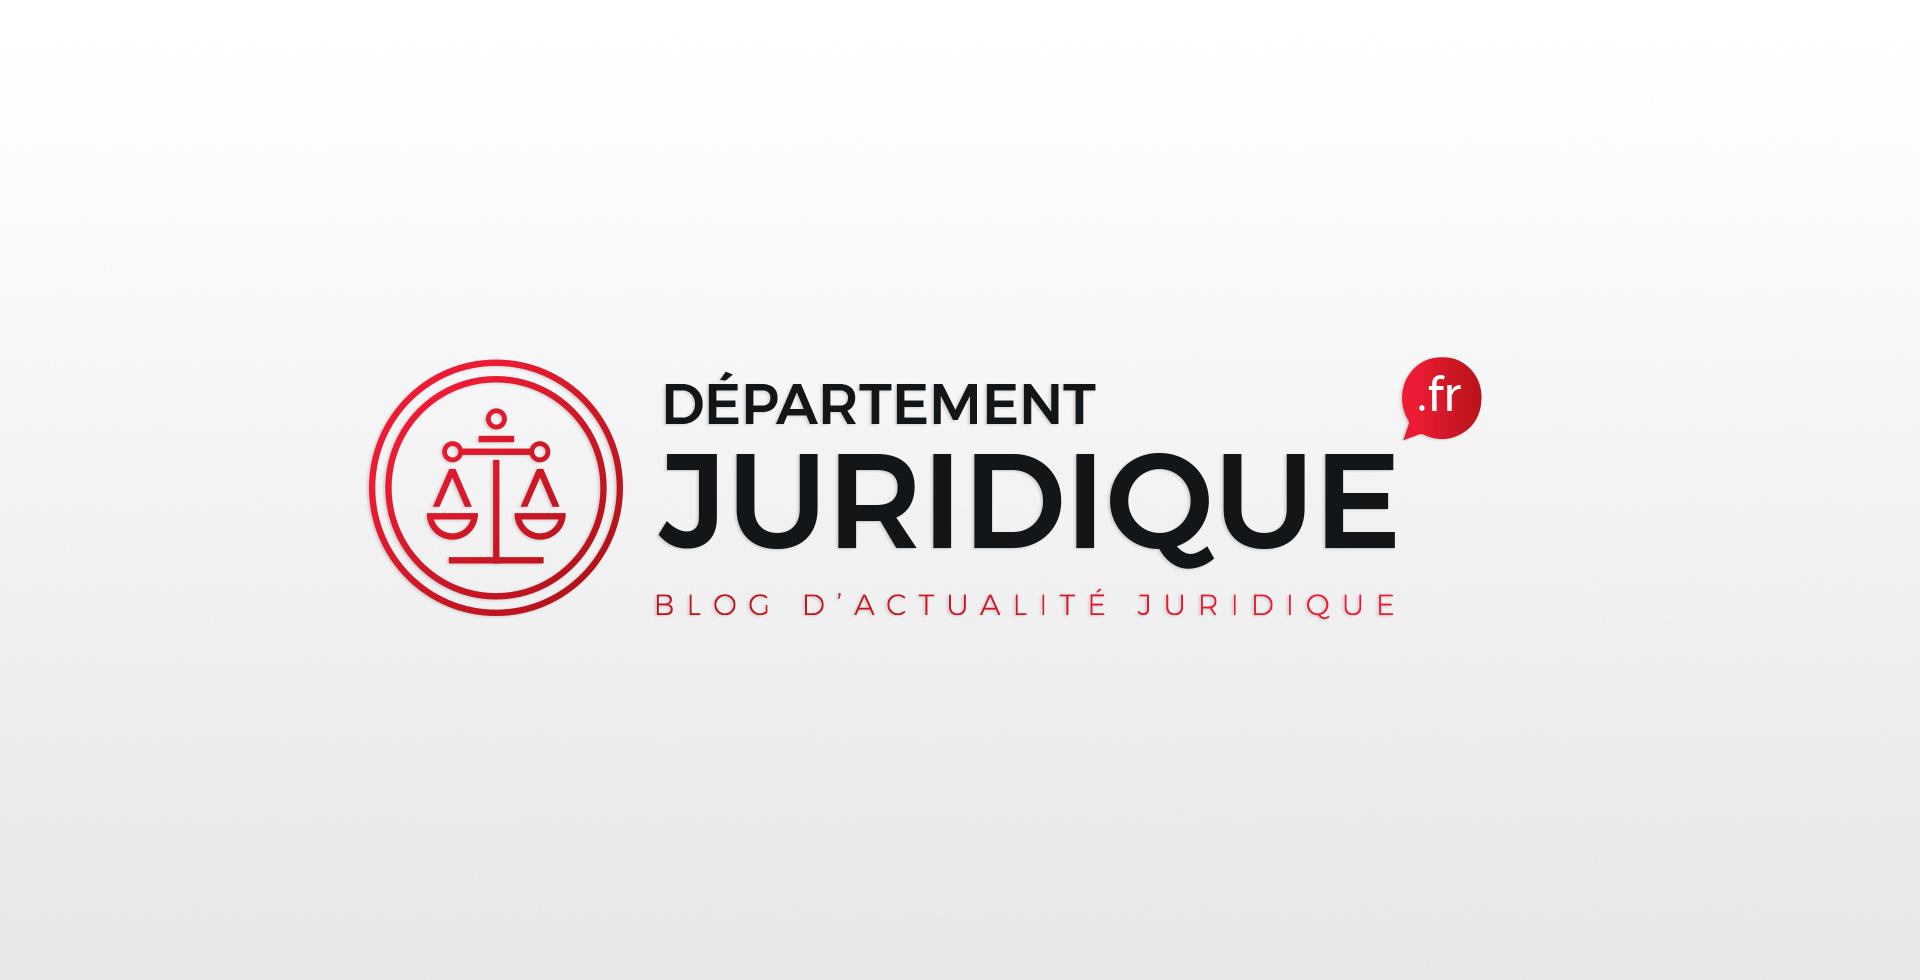 Logo-departement-juridique-blog